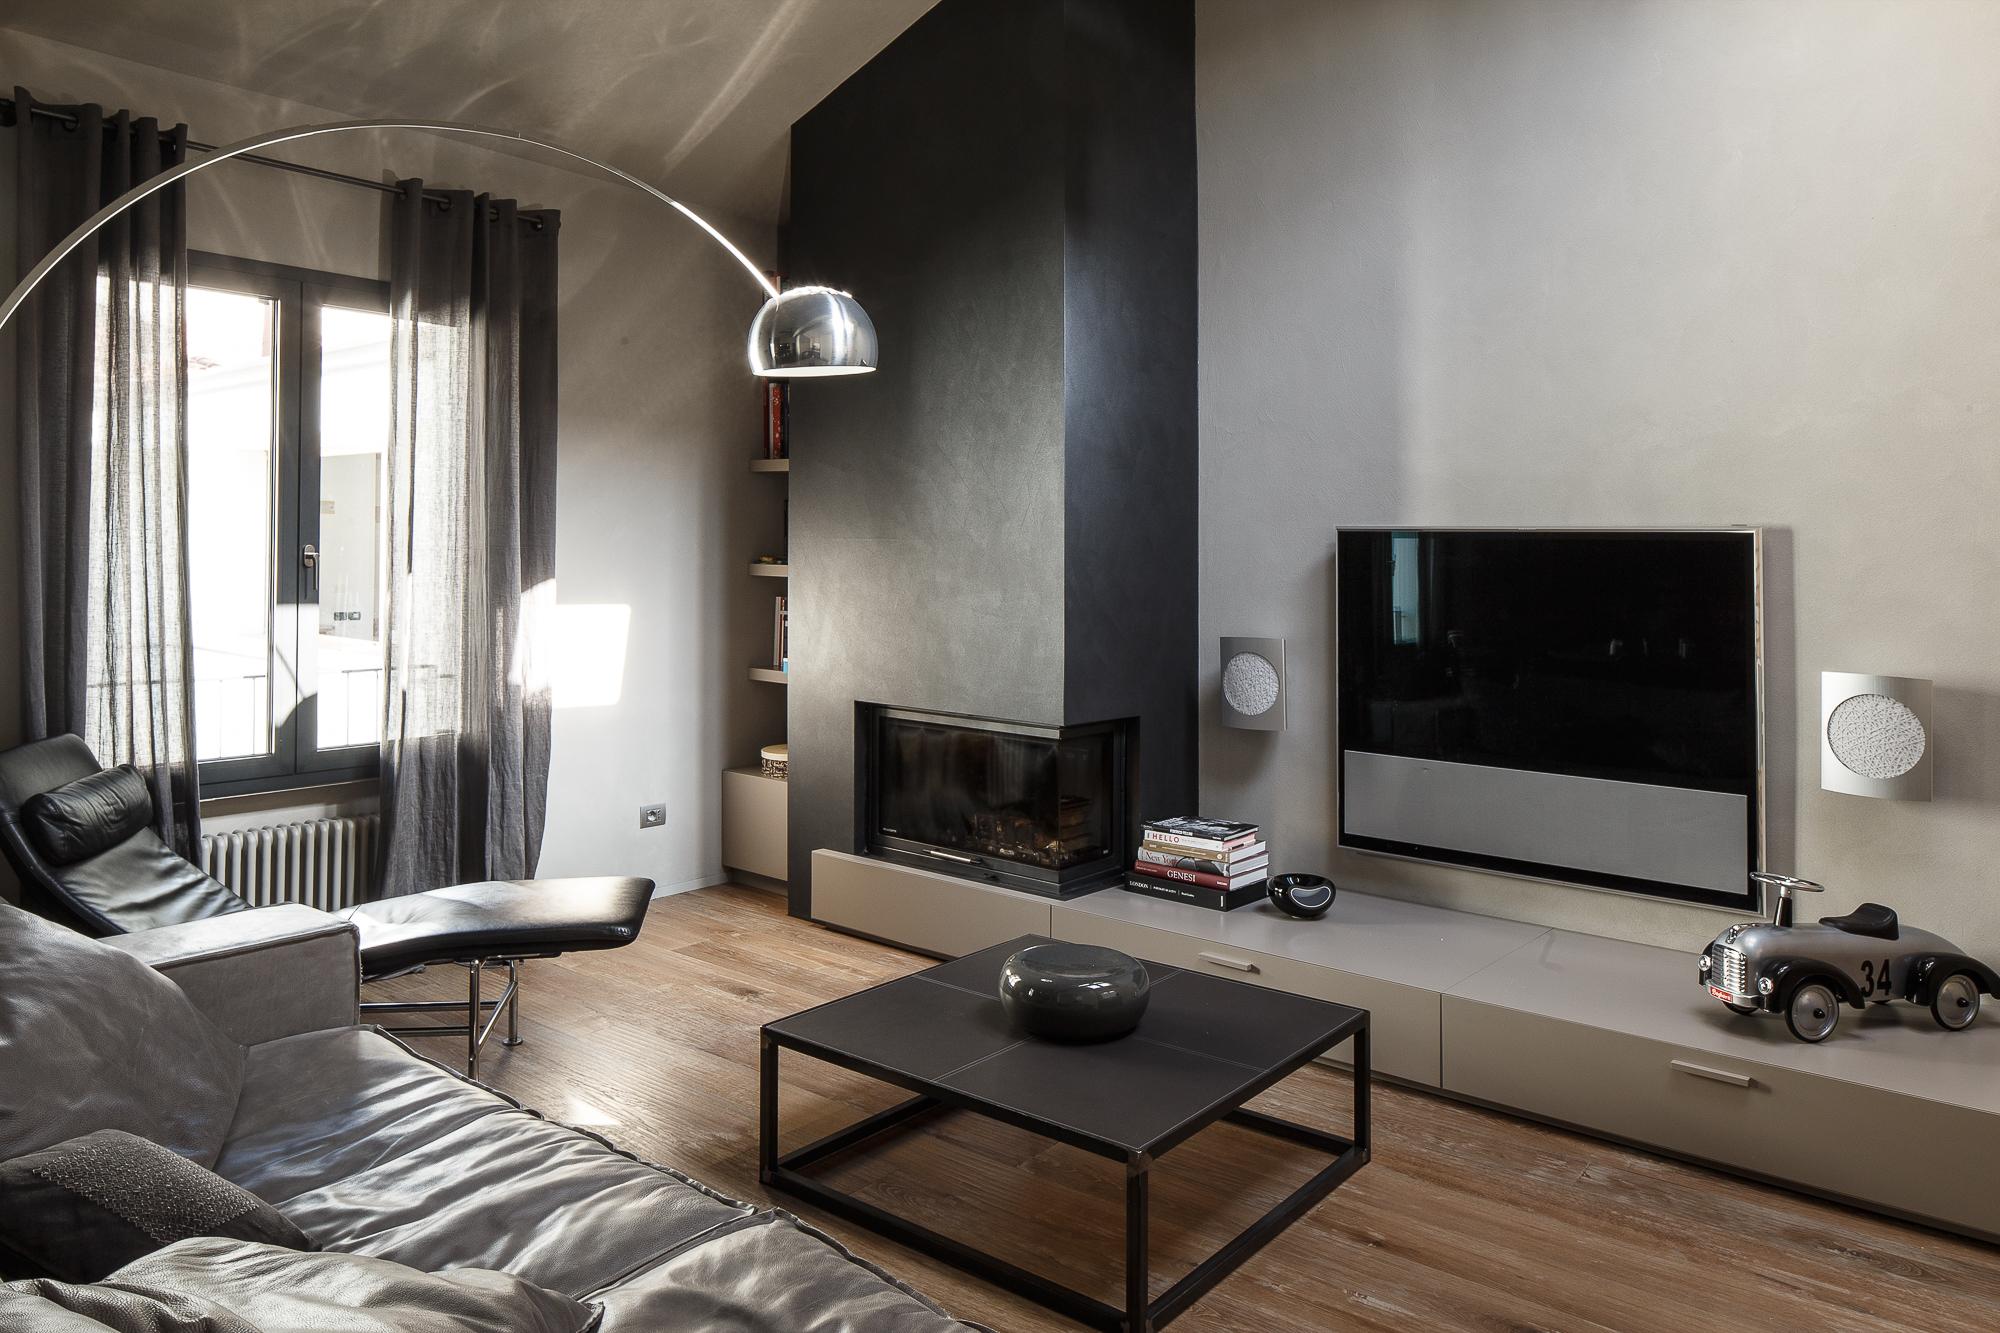 Design d interni rimini studio materia architettura for Design d interni